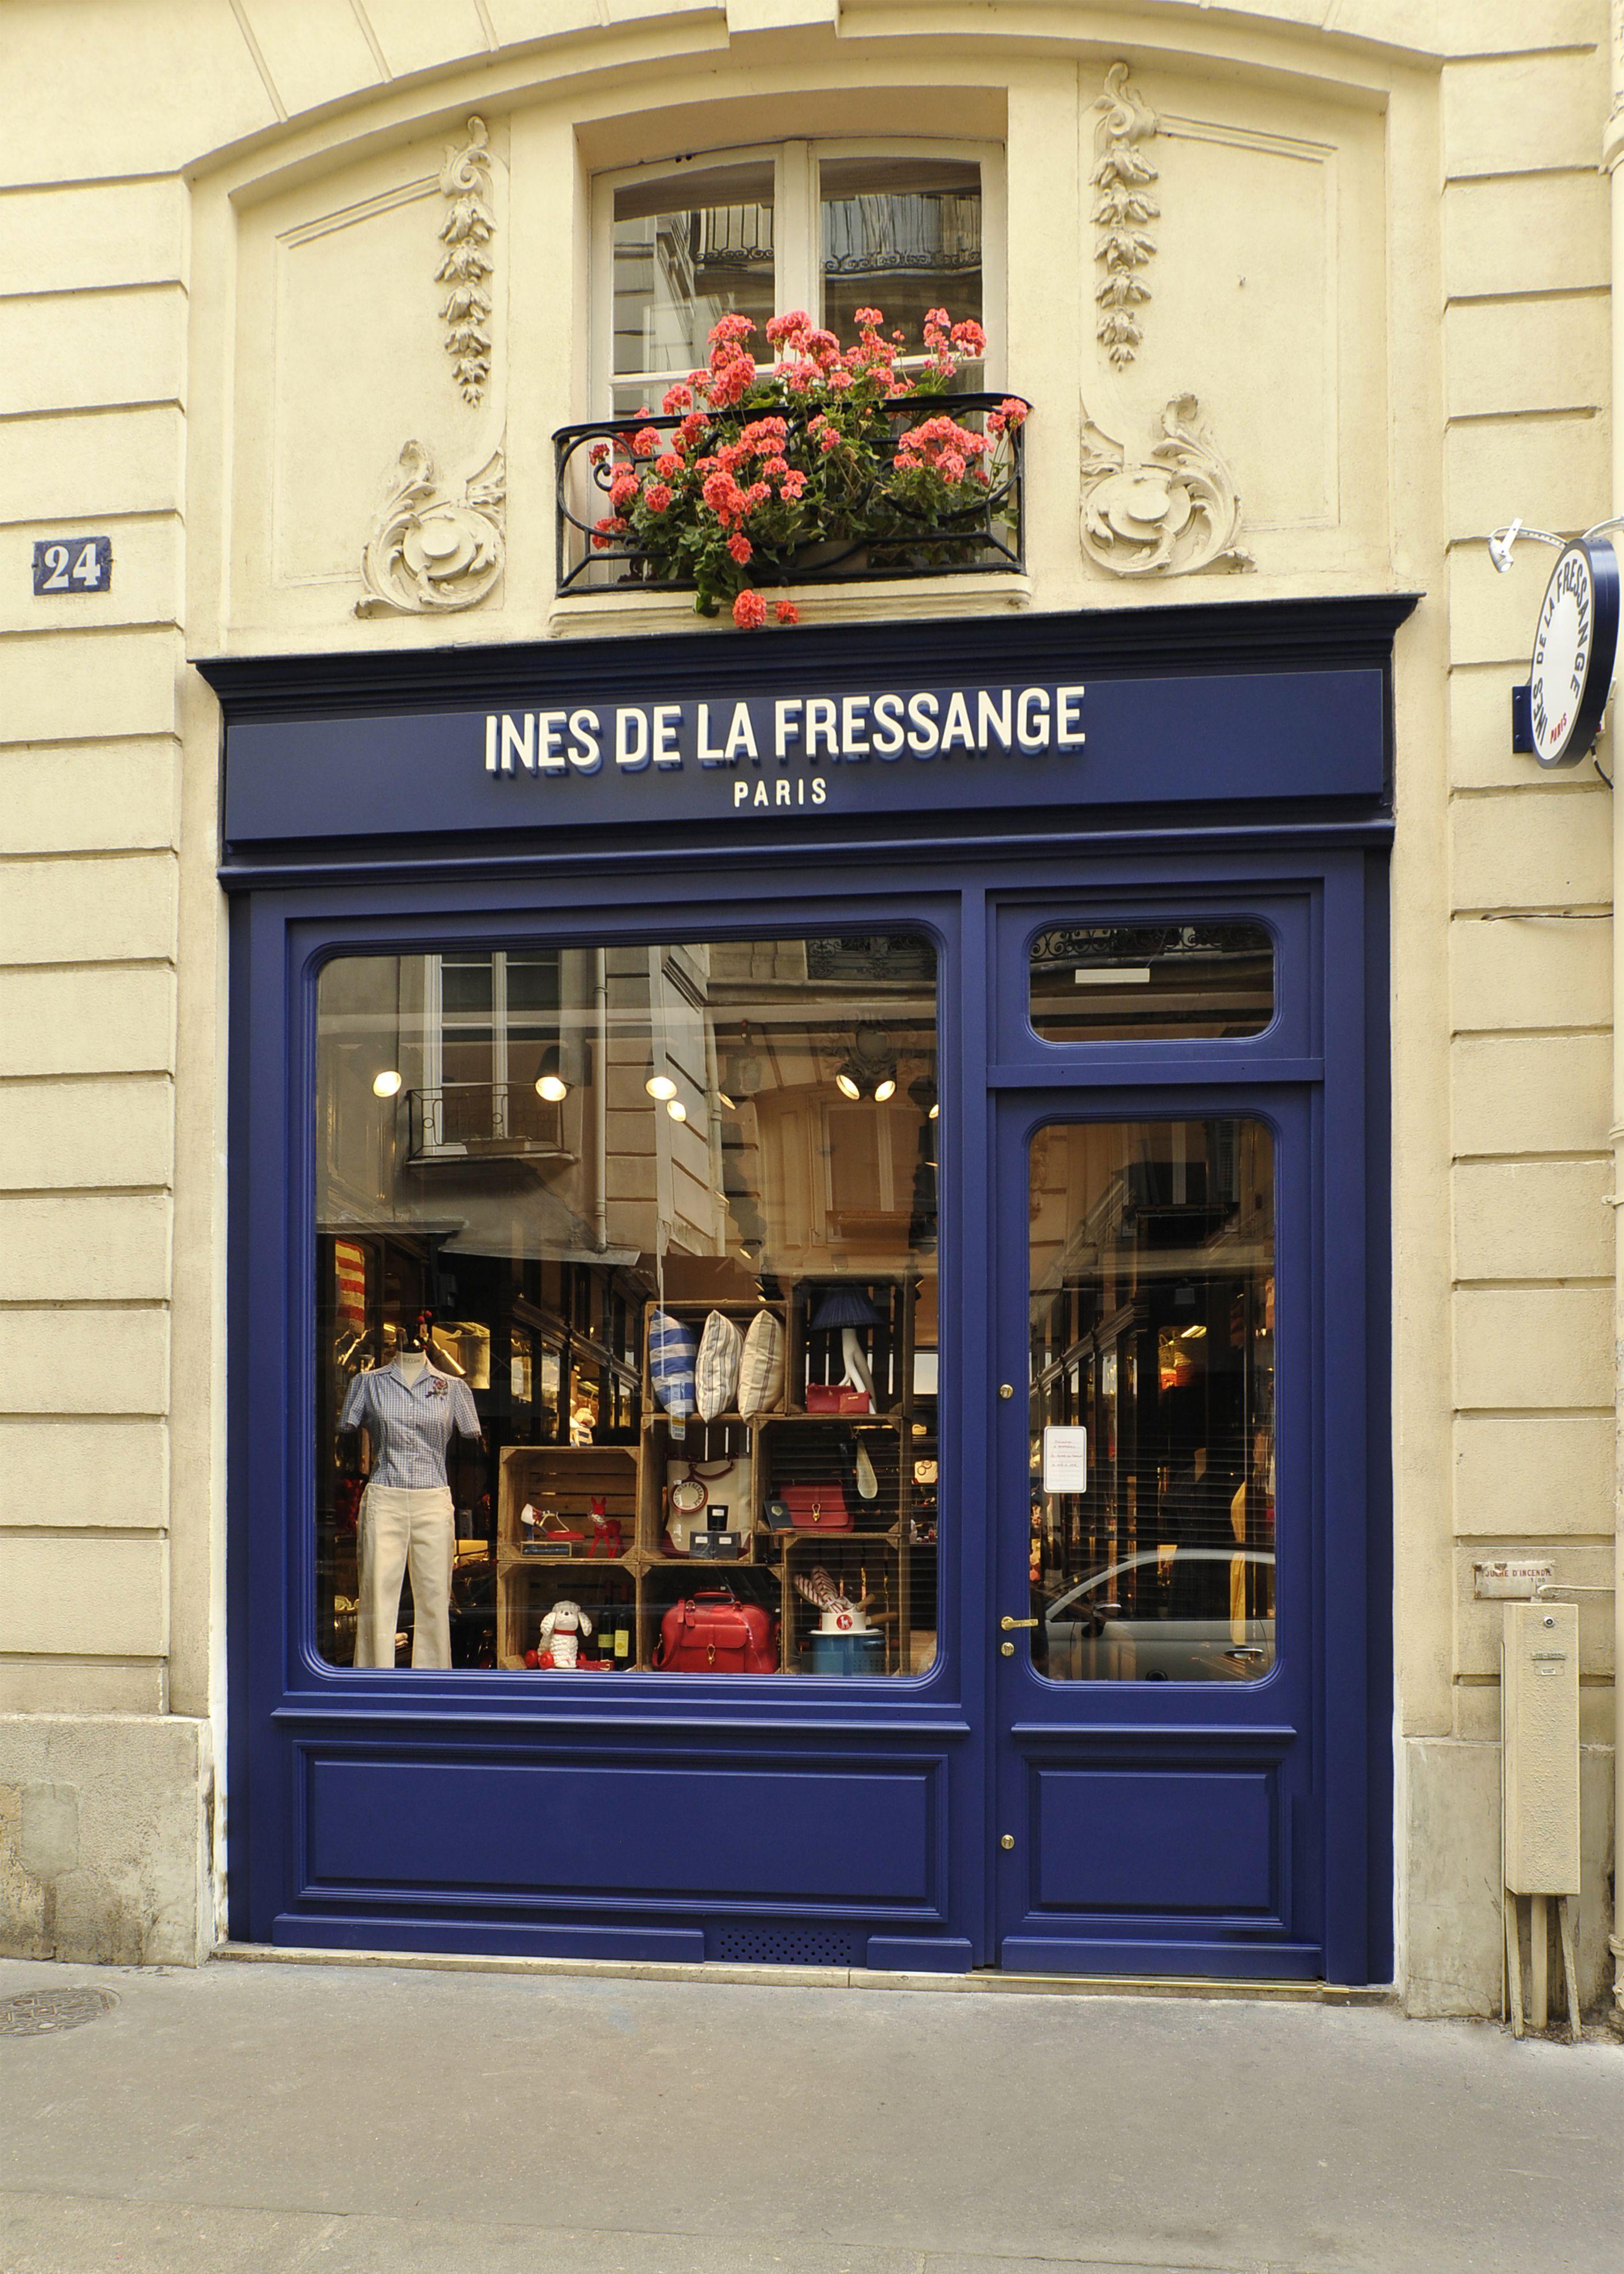 Newly opened Fashion Bazaar of Ines de la Fressange - 24 Rue de ...